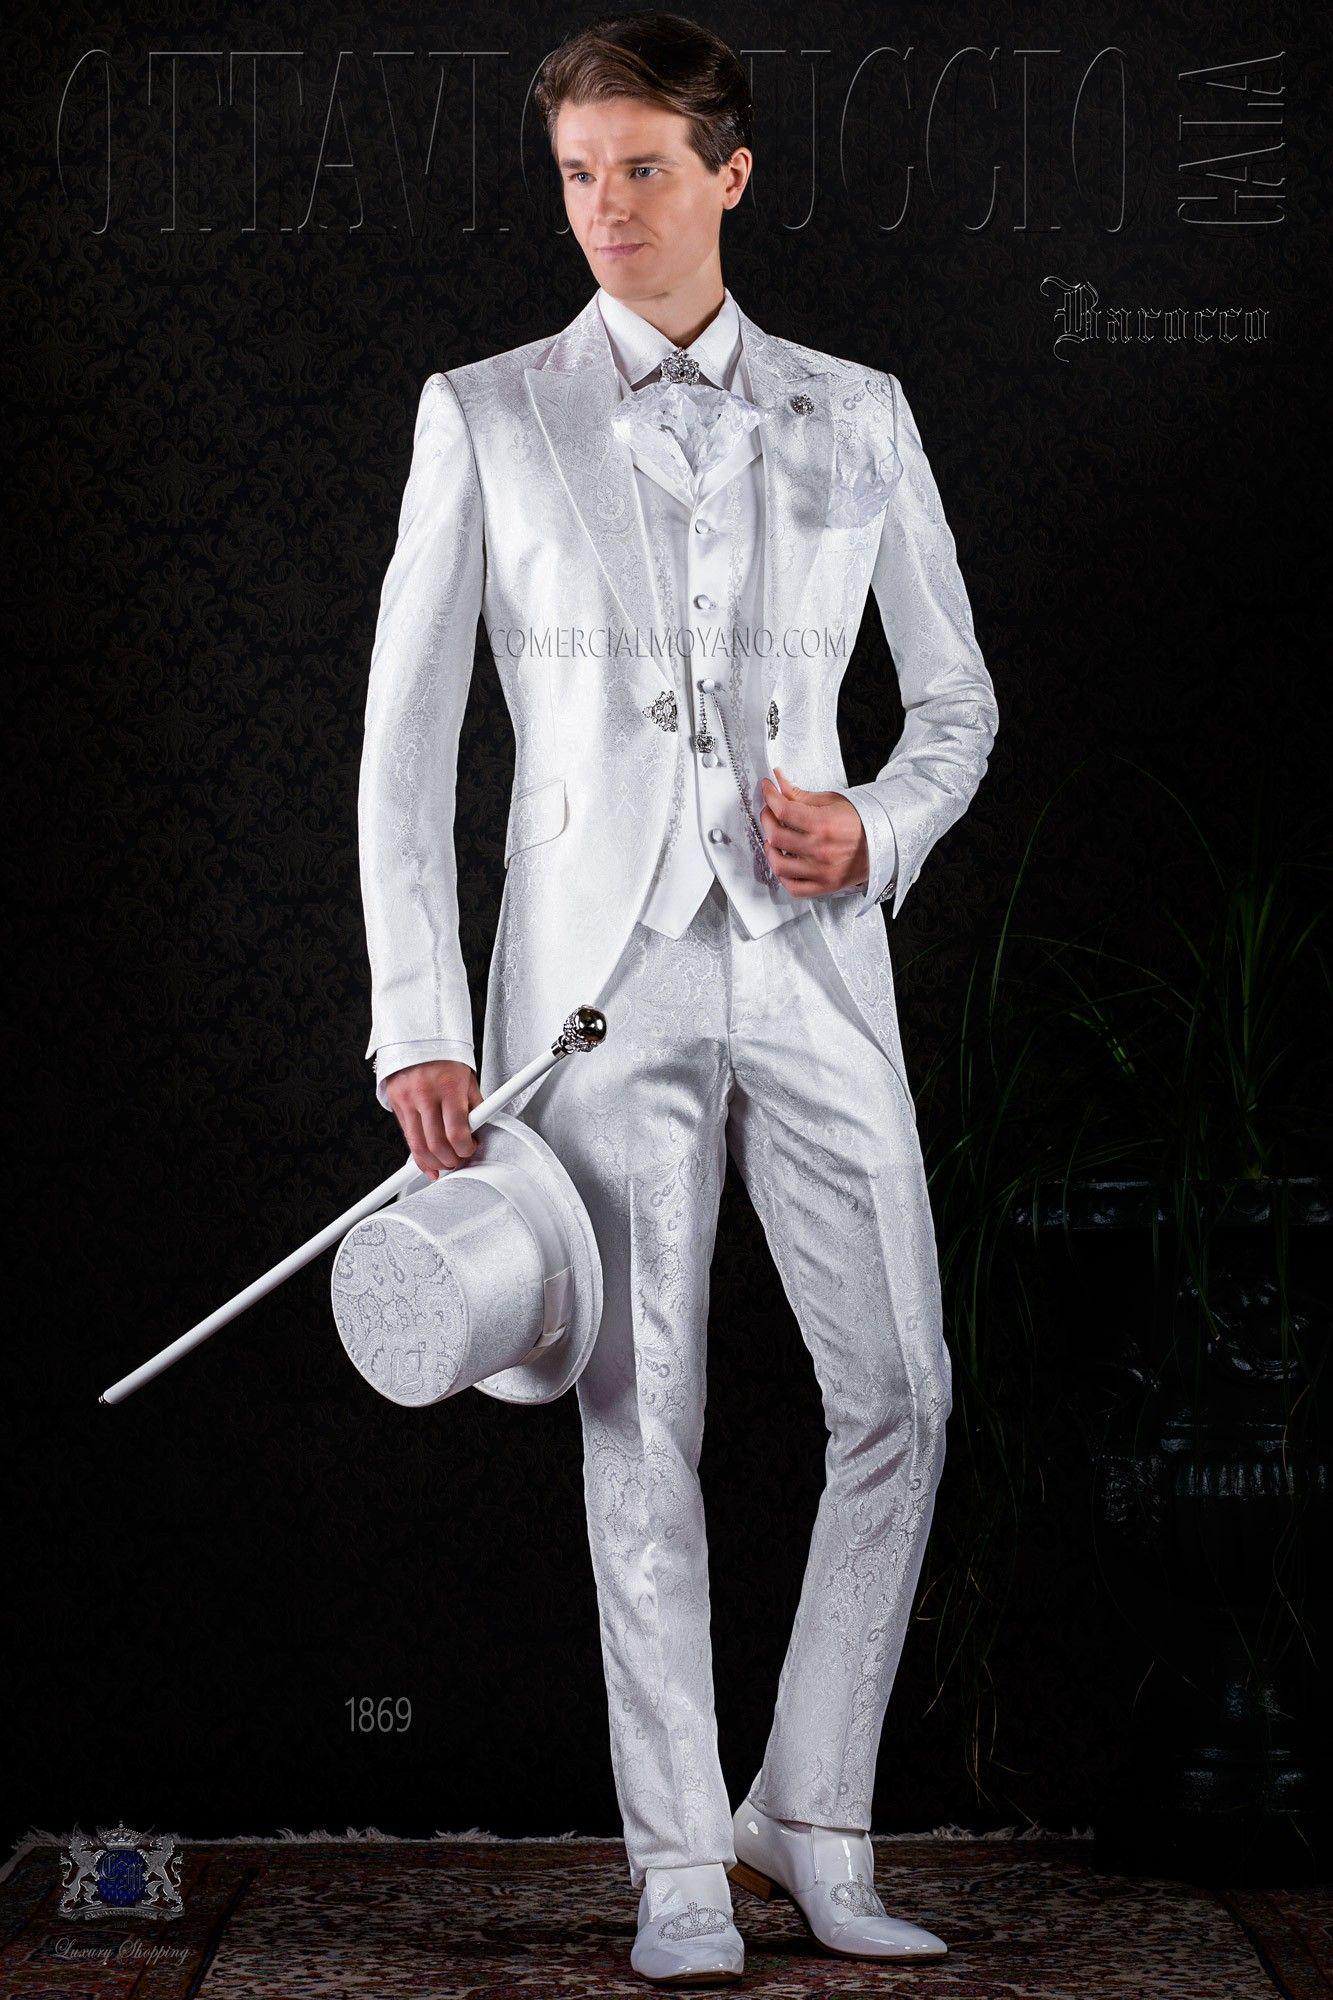 Barock weißer Anzug aus Jacquard mit steigendes Revers und Kristall Brosche. Bräutigam Anzug